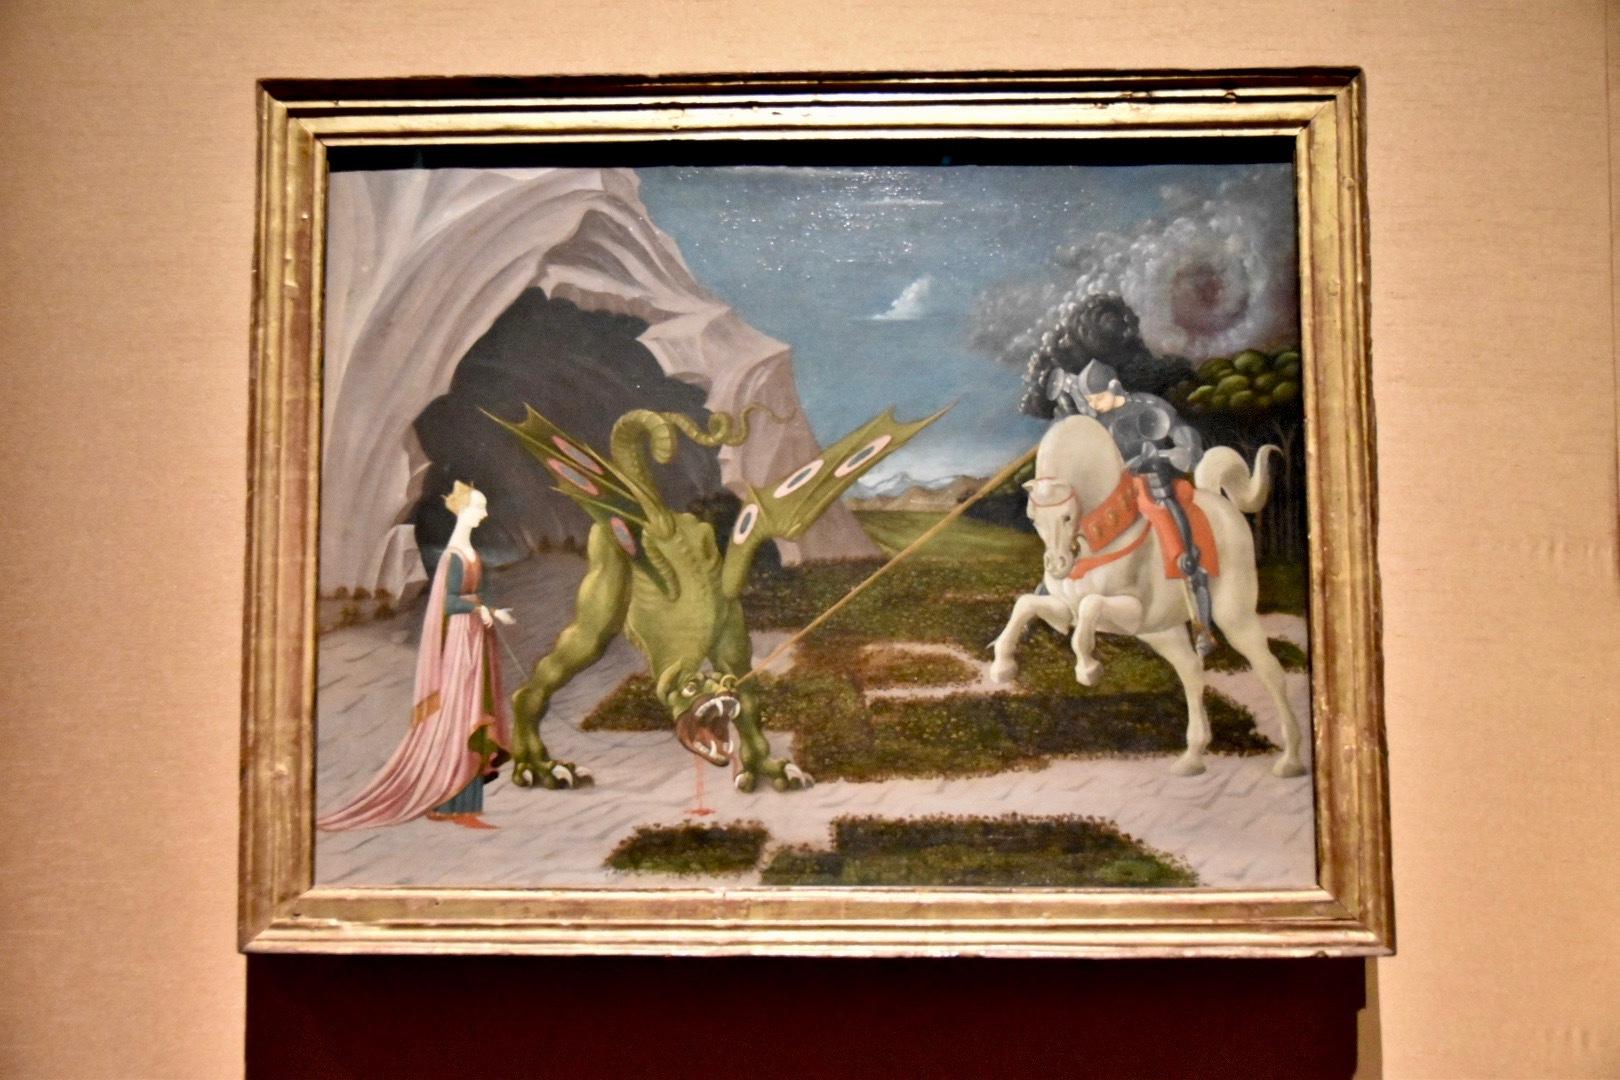 パオロ・ウッチェロ《聖ゲオルギウスと竜》1470年頃